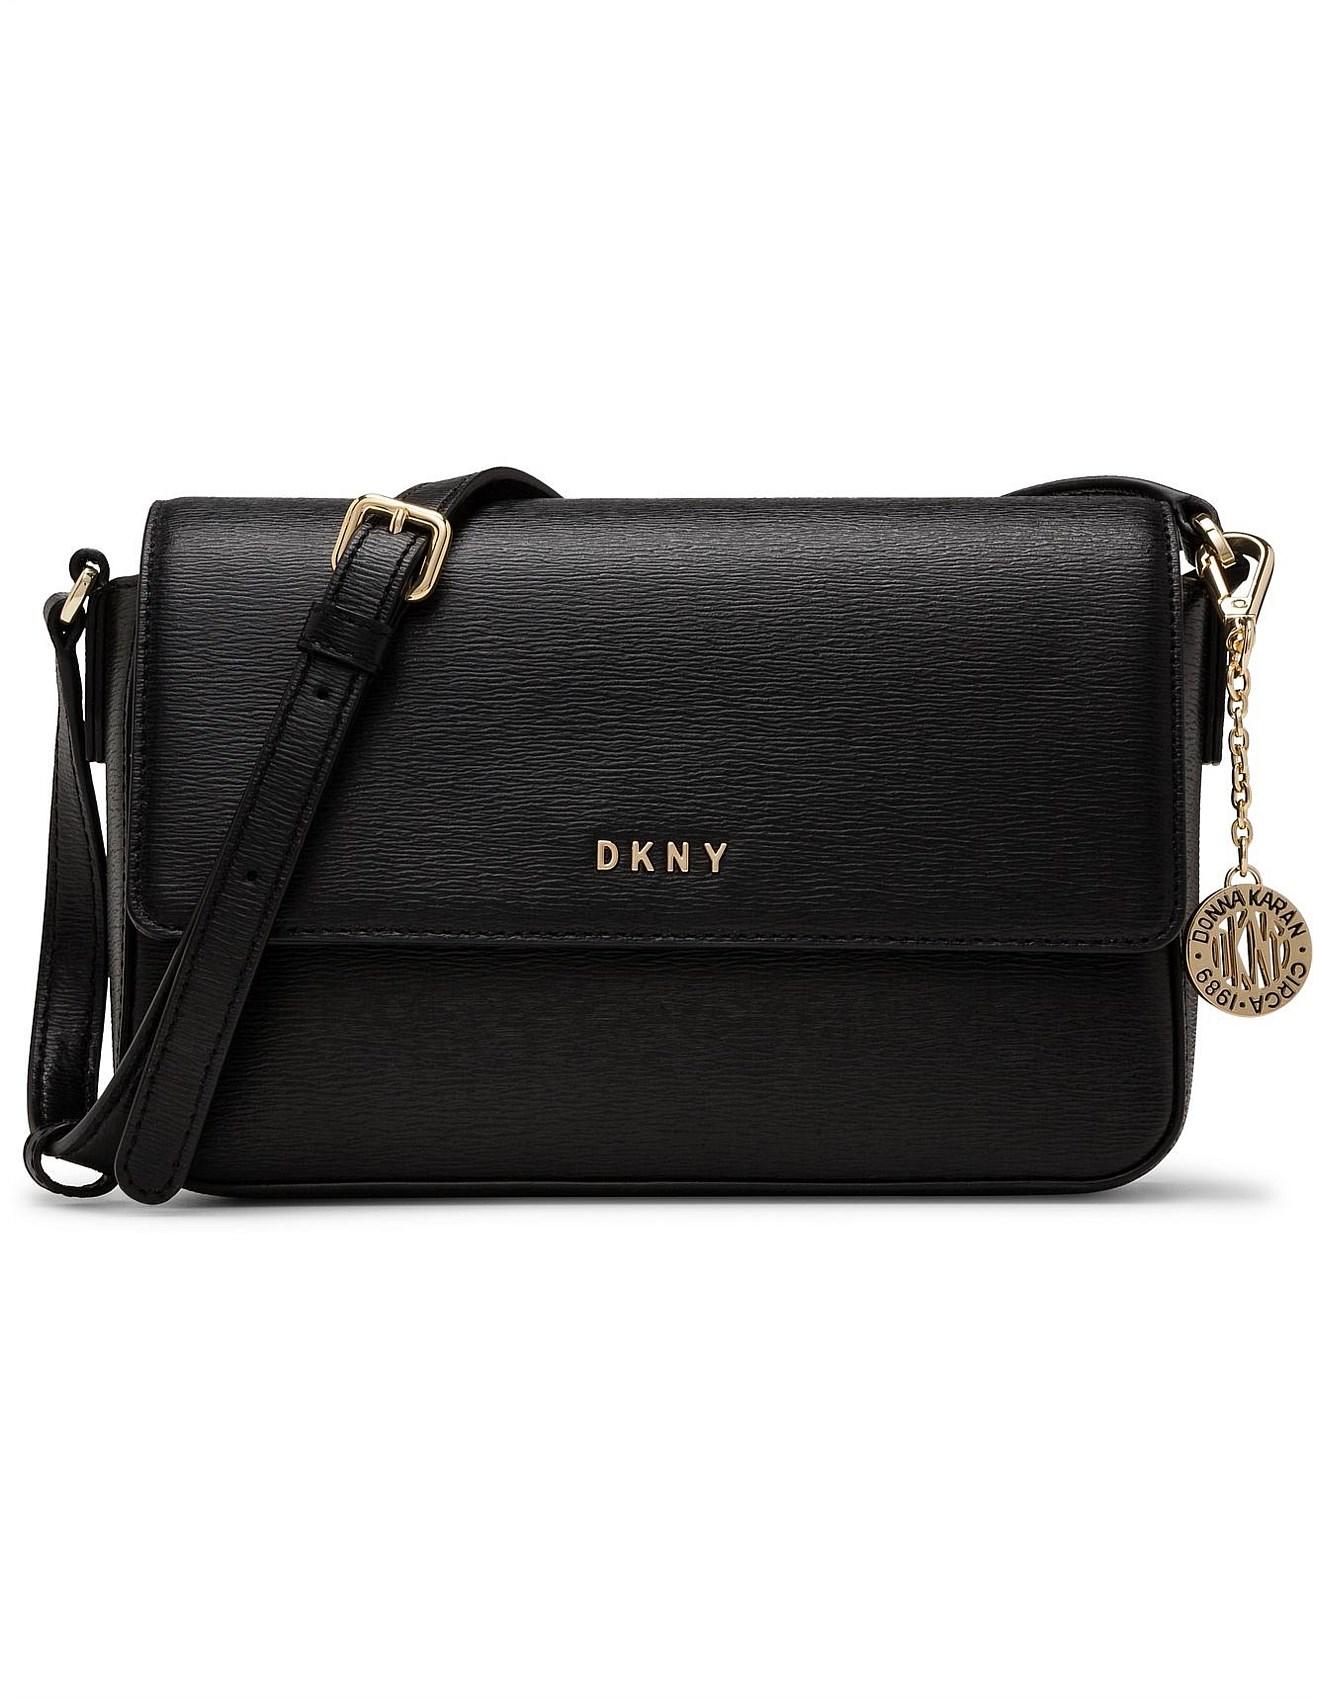 Dkny Watches Handbags